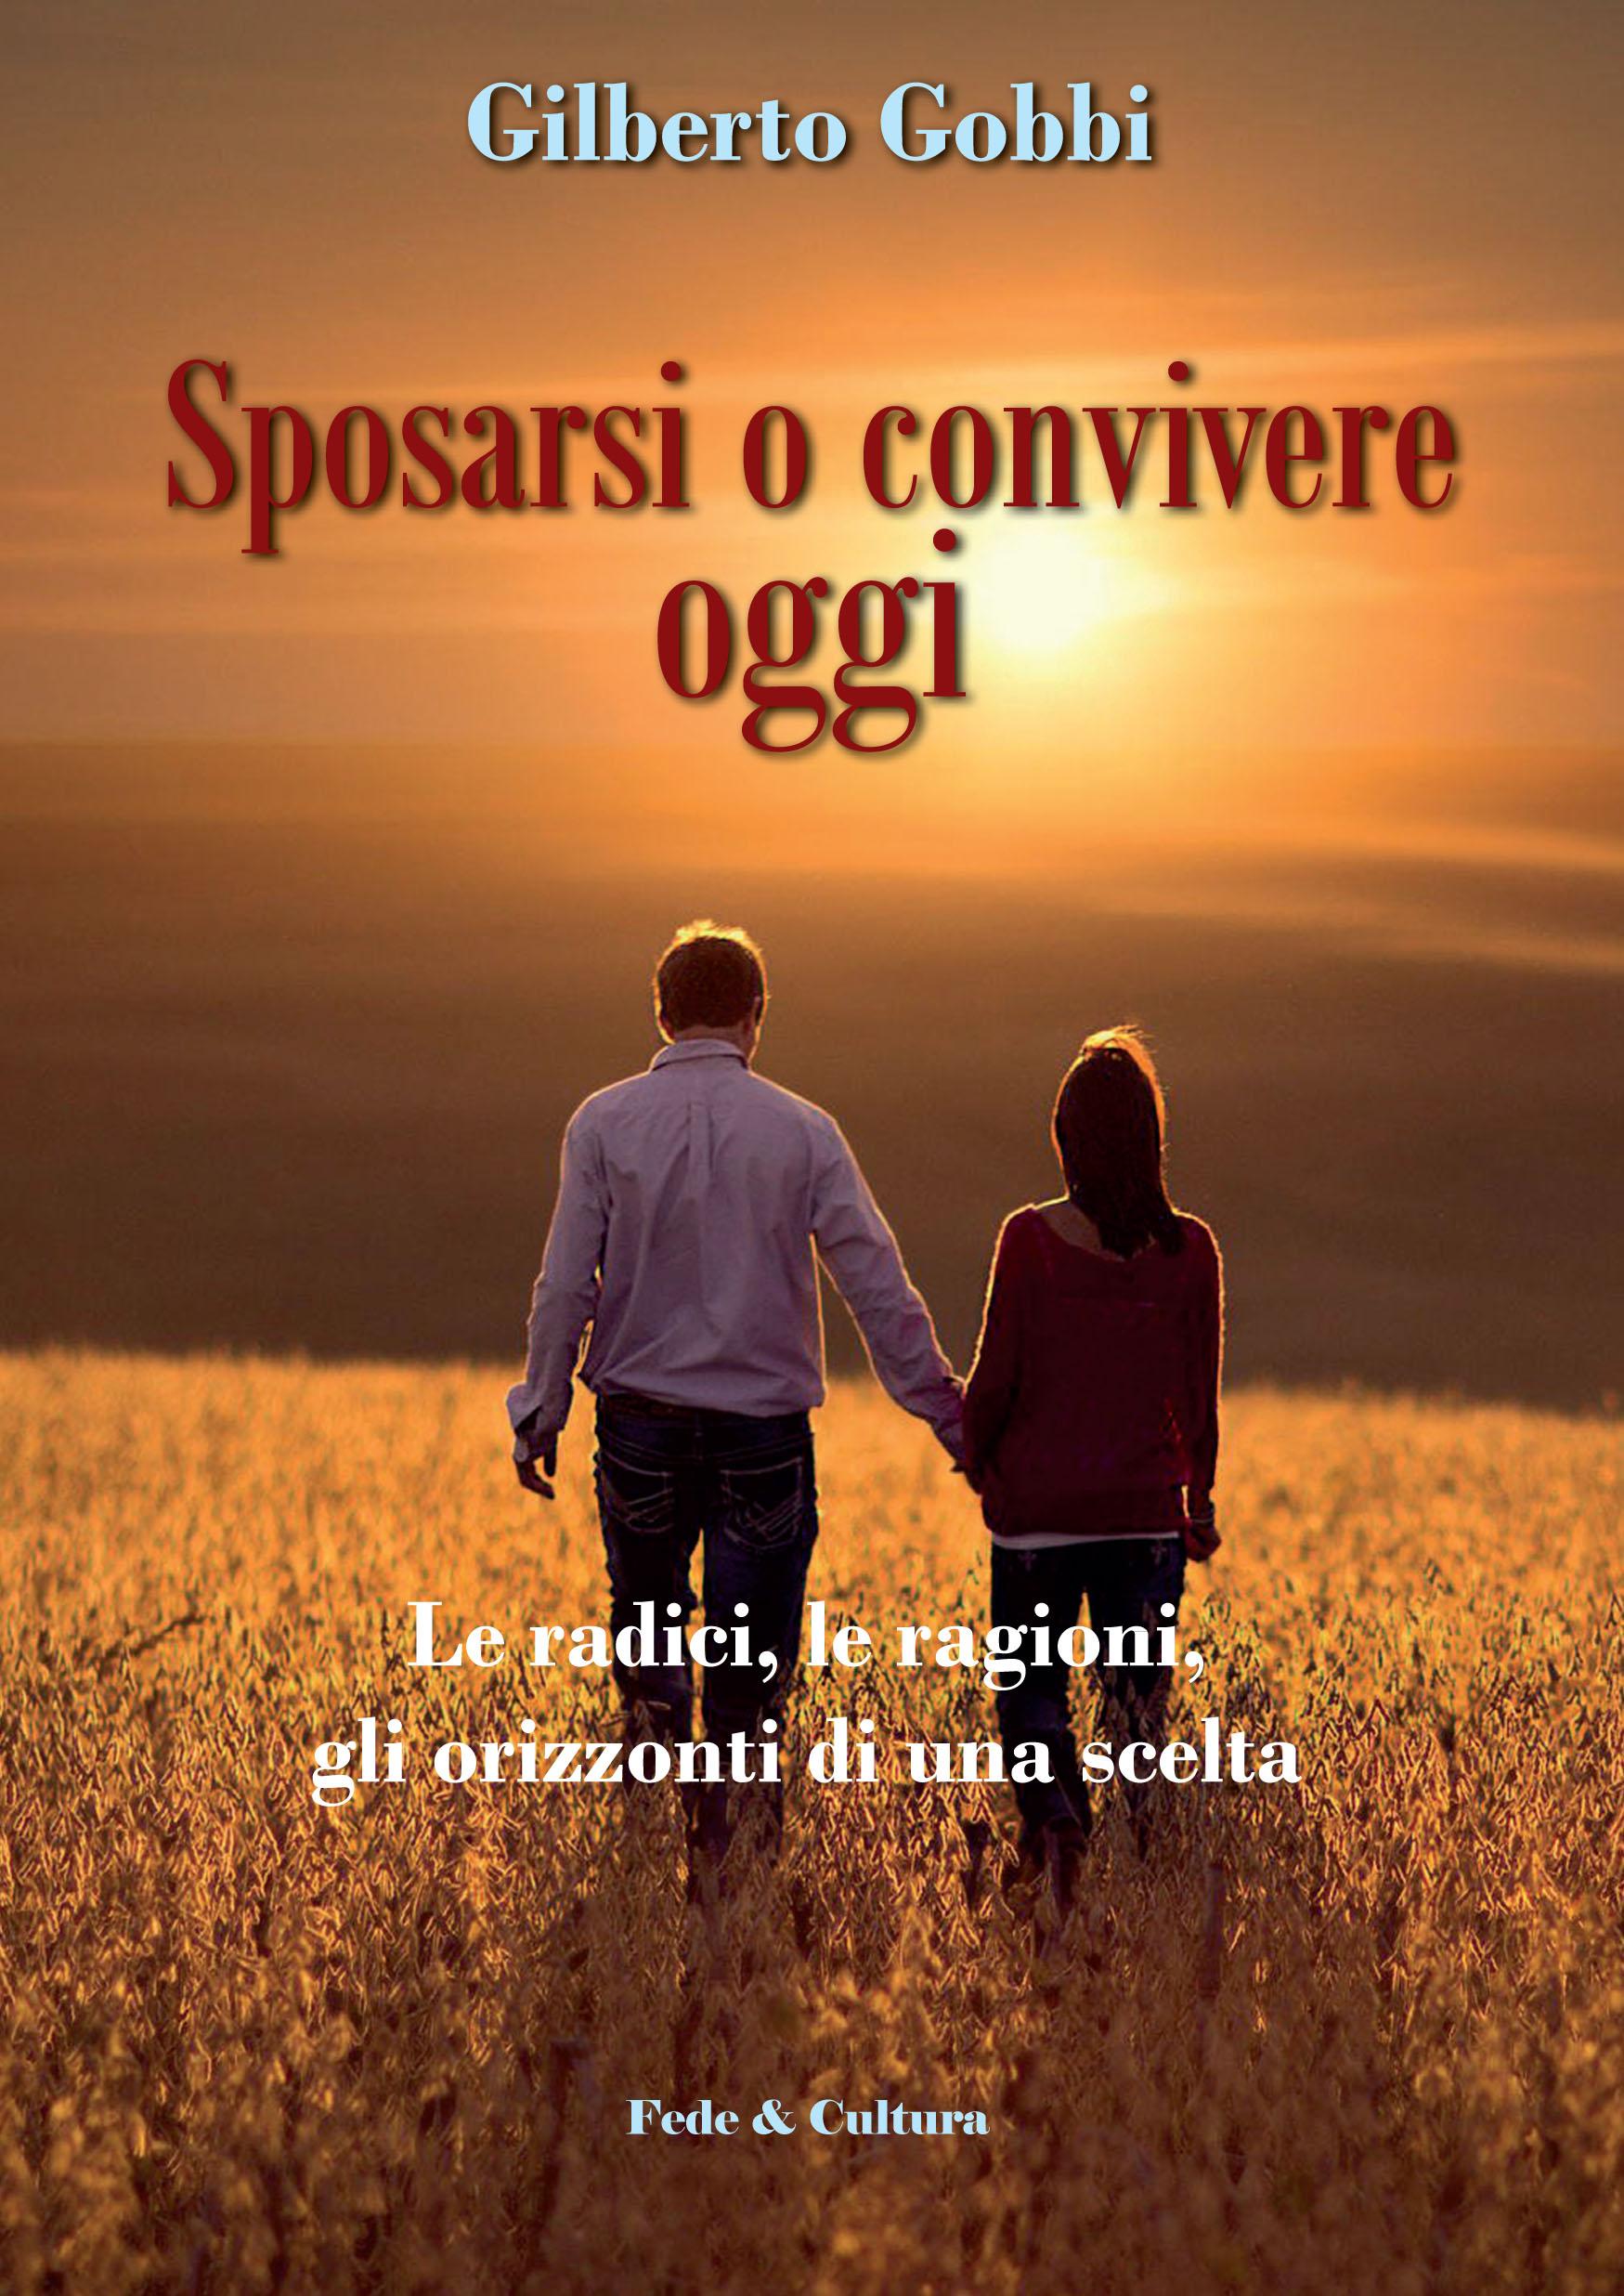 Sposarsi o convivere oggi